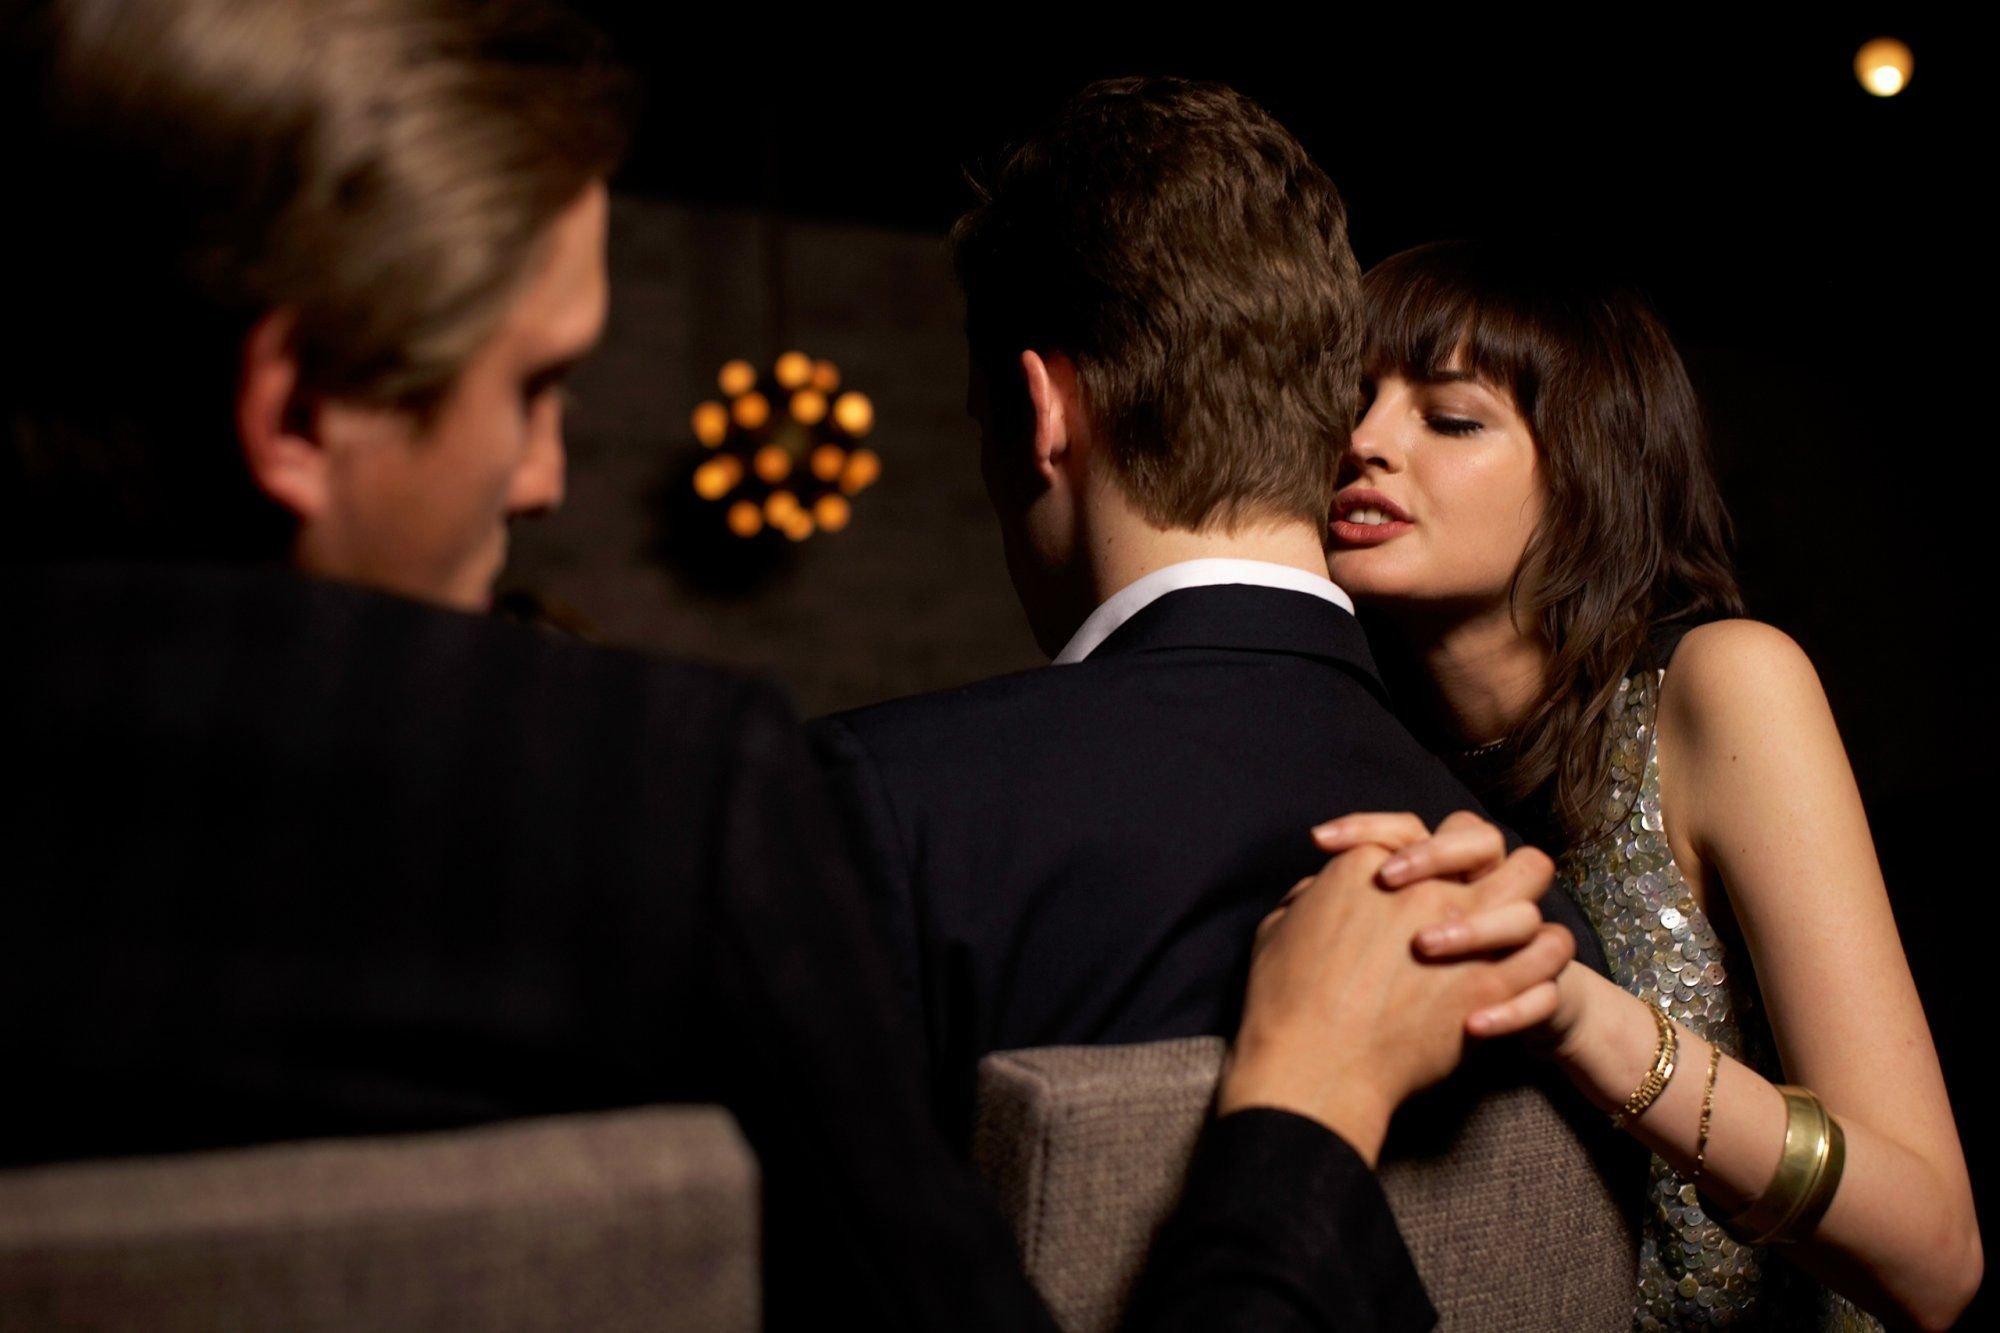 К чему снится измена девушки своему парню: толкование сна